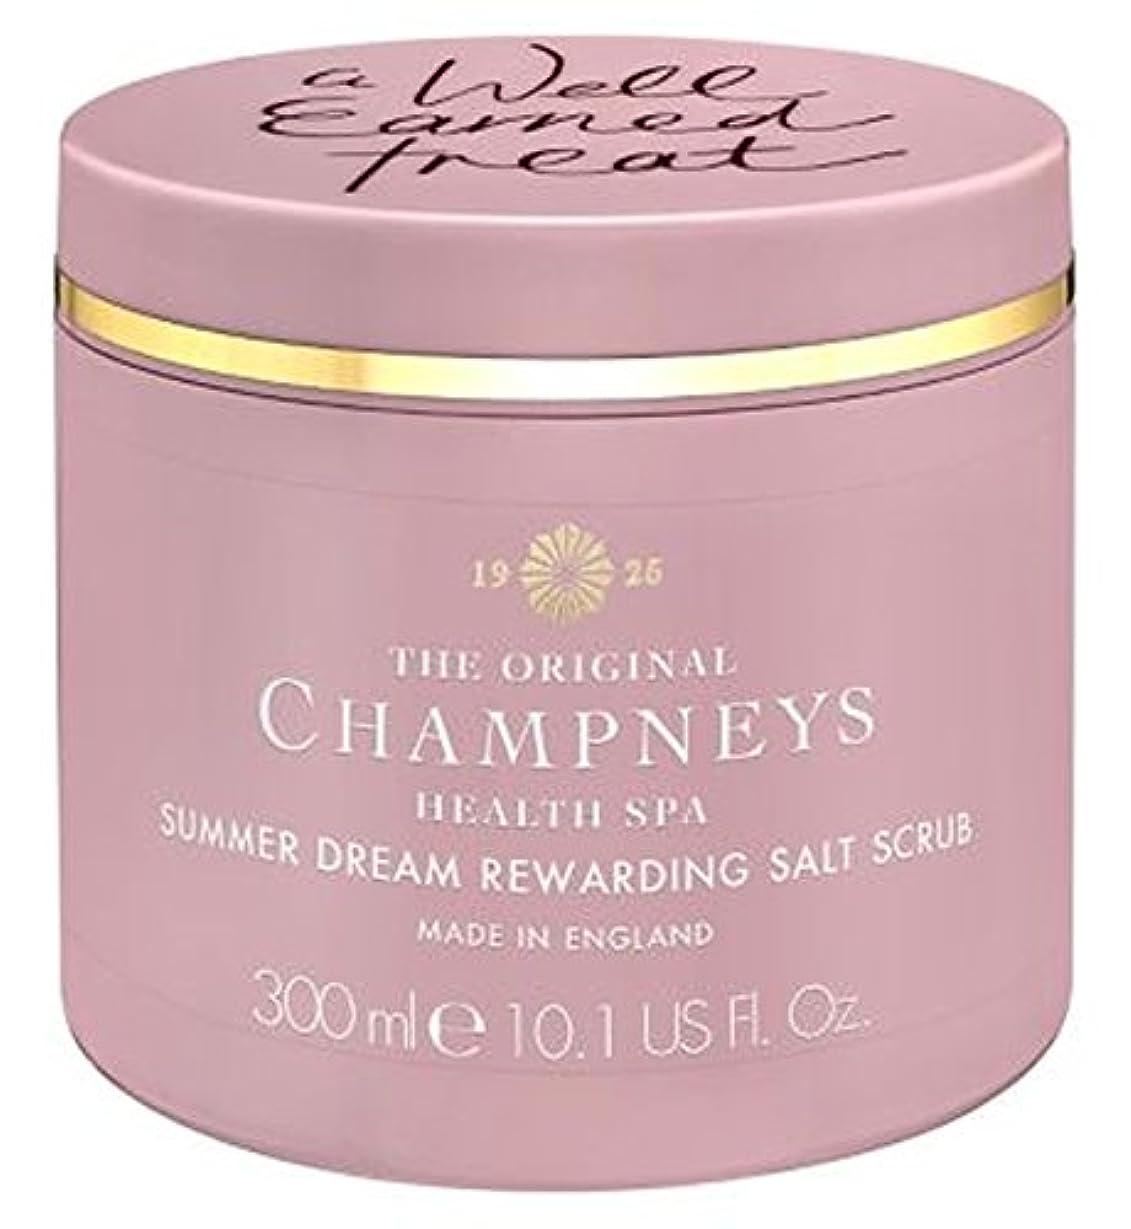 評価する一流ブレンドチャンプニーズの夏の夢やりがいの塩スクラブ300ミリリットル (Champneys) (x2) - Champneys Summer Dream Rewarding Salt Scrub 300ml (Pack of 2...